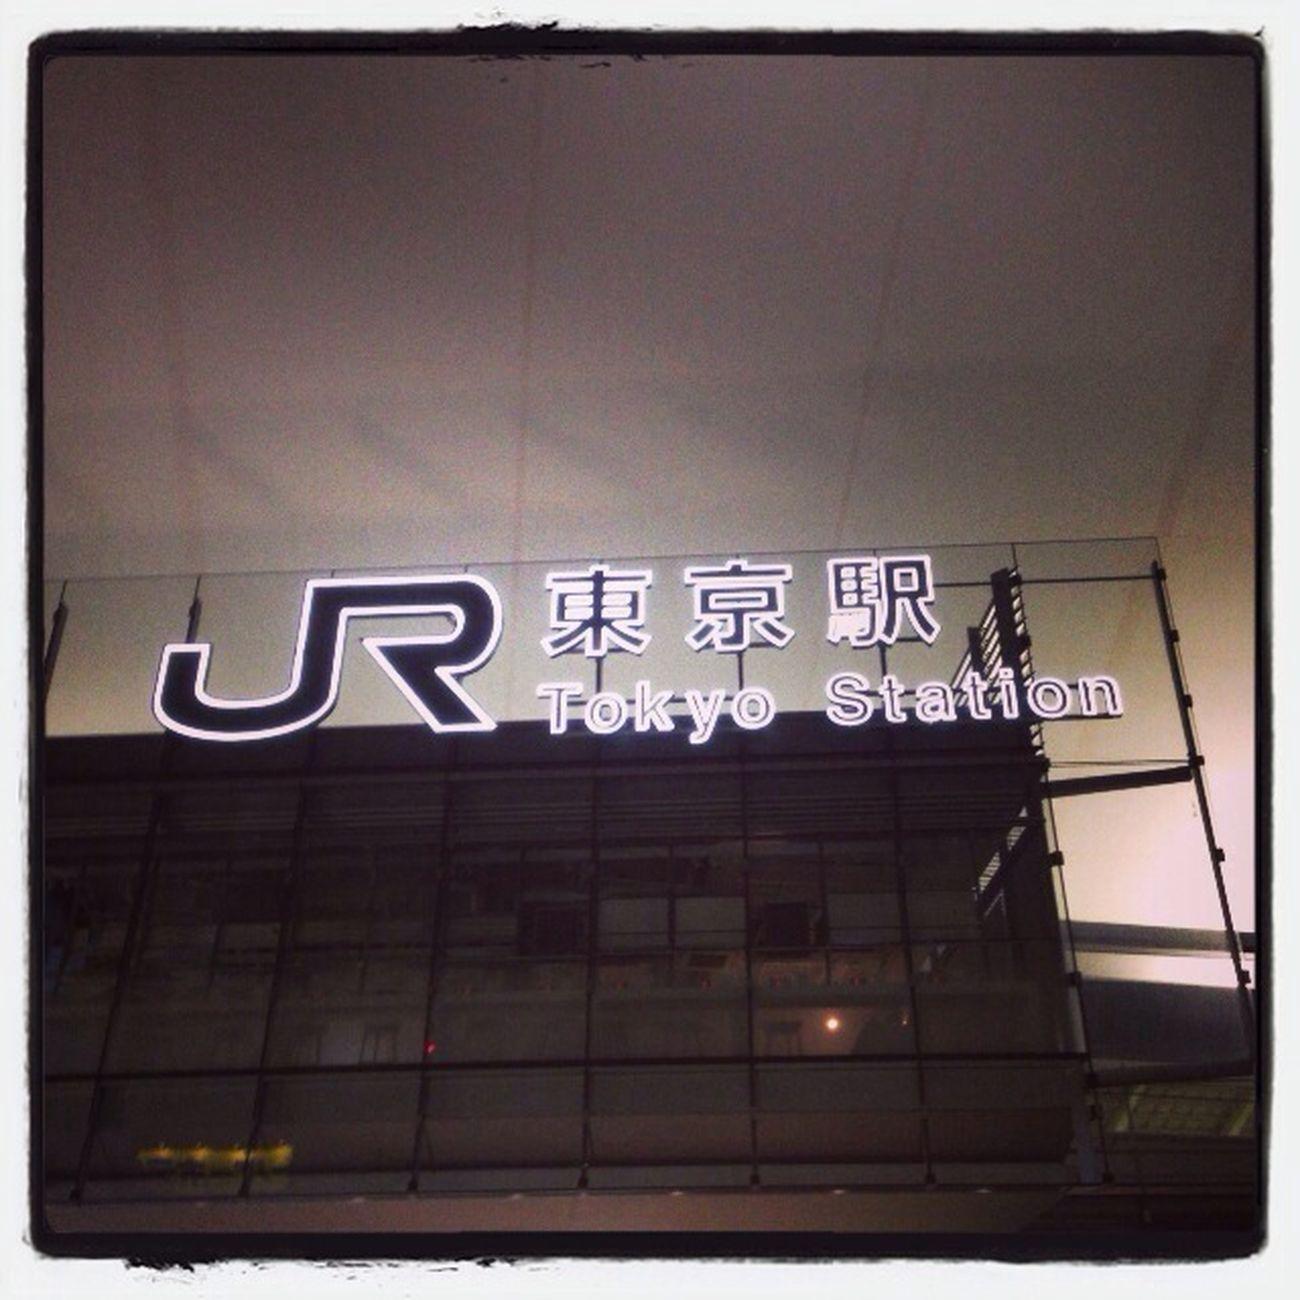 帰宅しようとしていた図♡ Bus Tokyostation